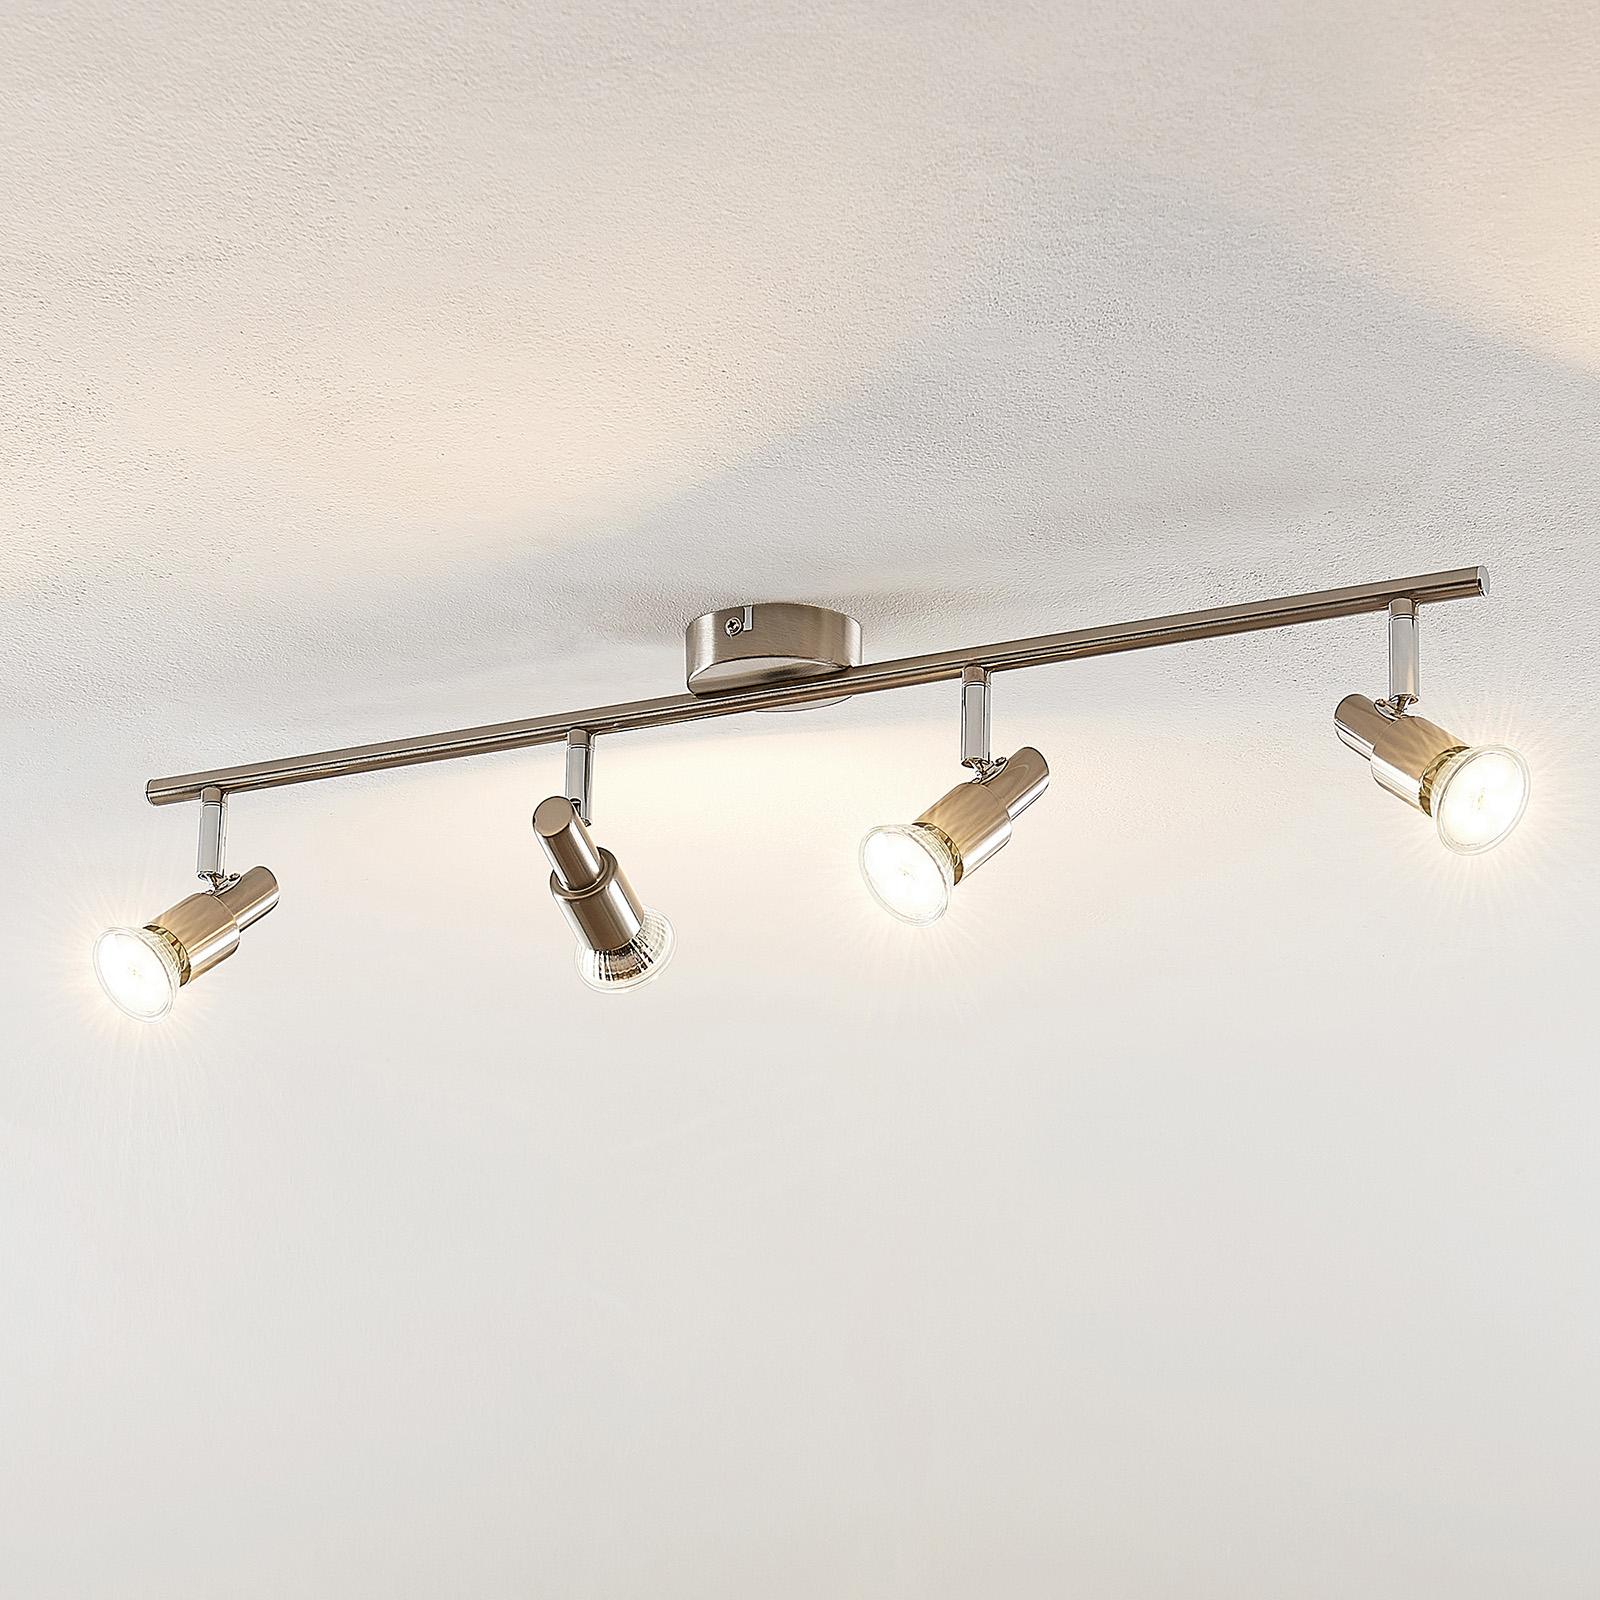 ELC Farida LED-taklampe, nikkel, 4 lyskilder